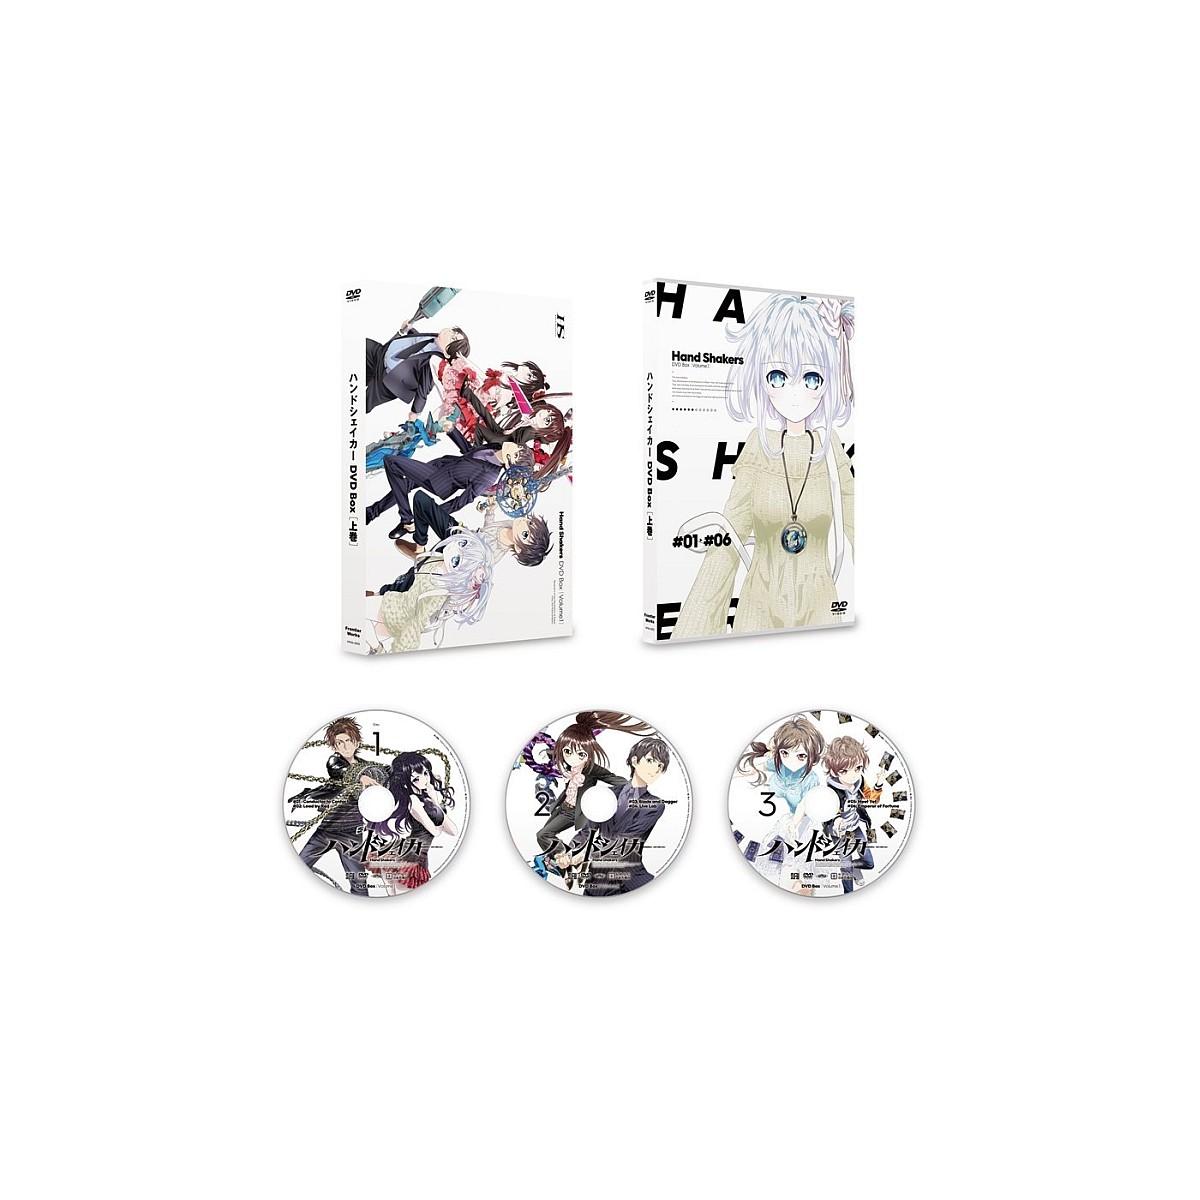 ハンドシェイカー DVD-BOX 上巻 [ 茅野愛衣 ]